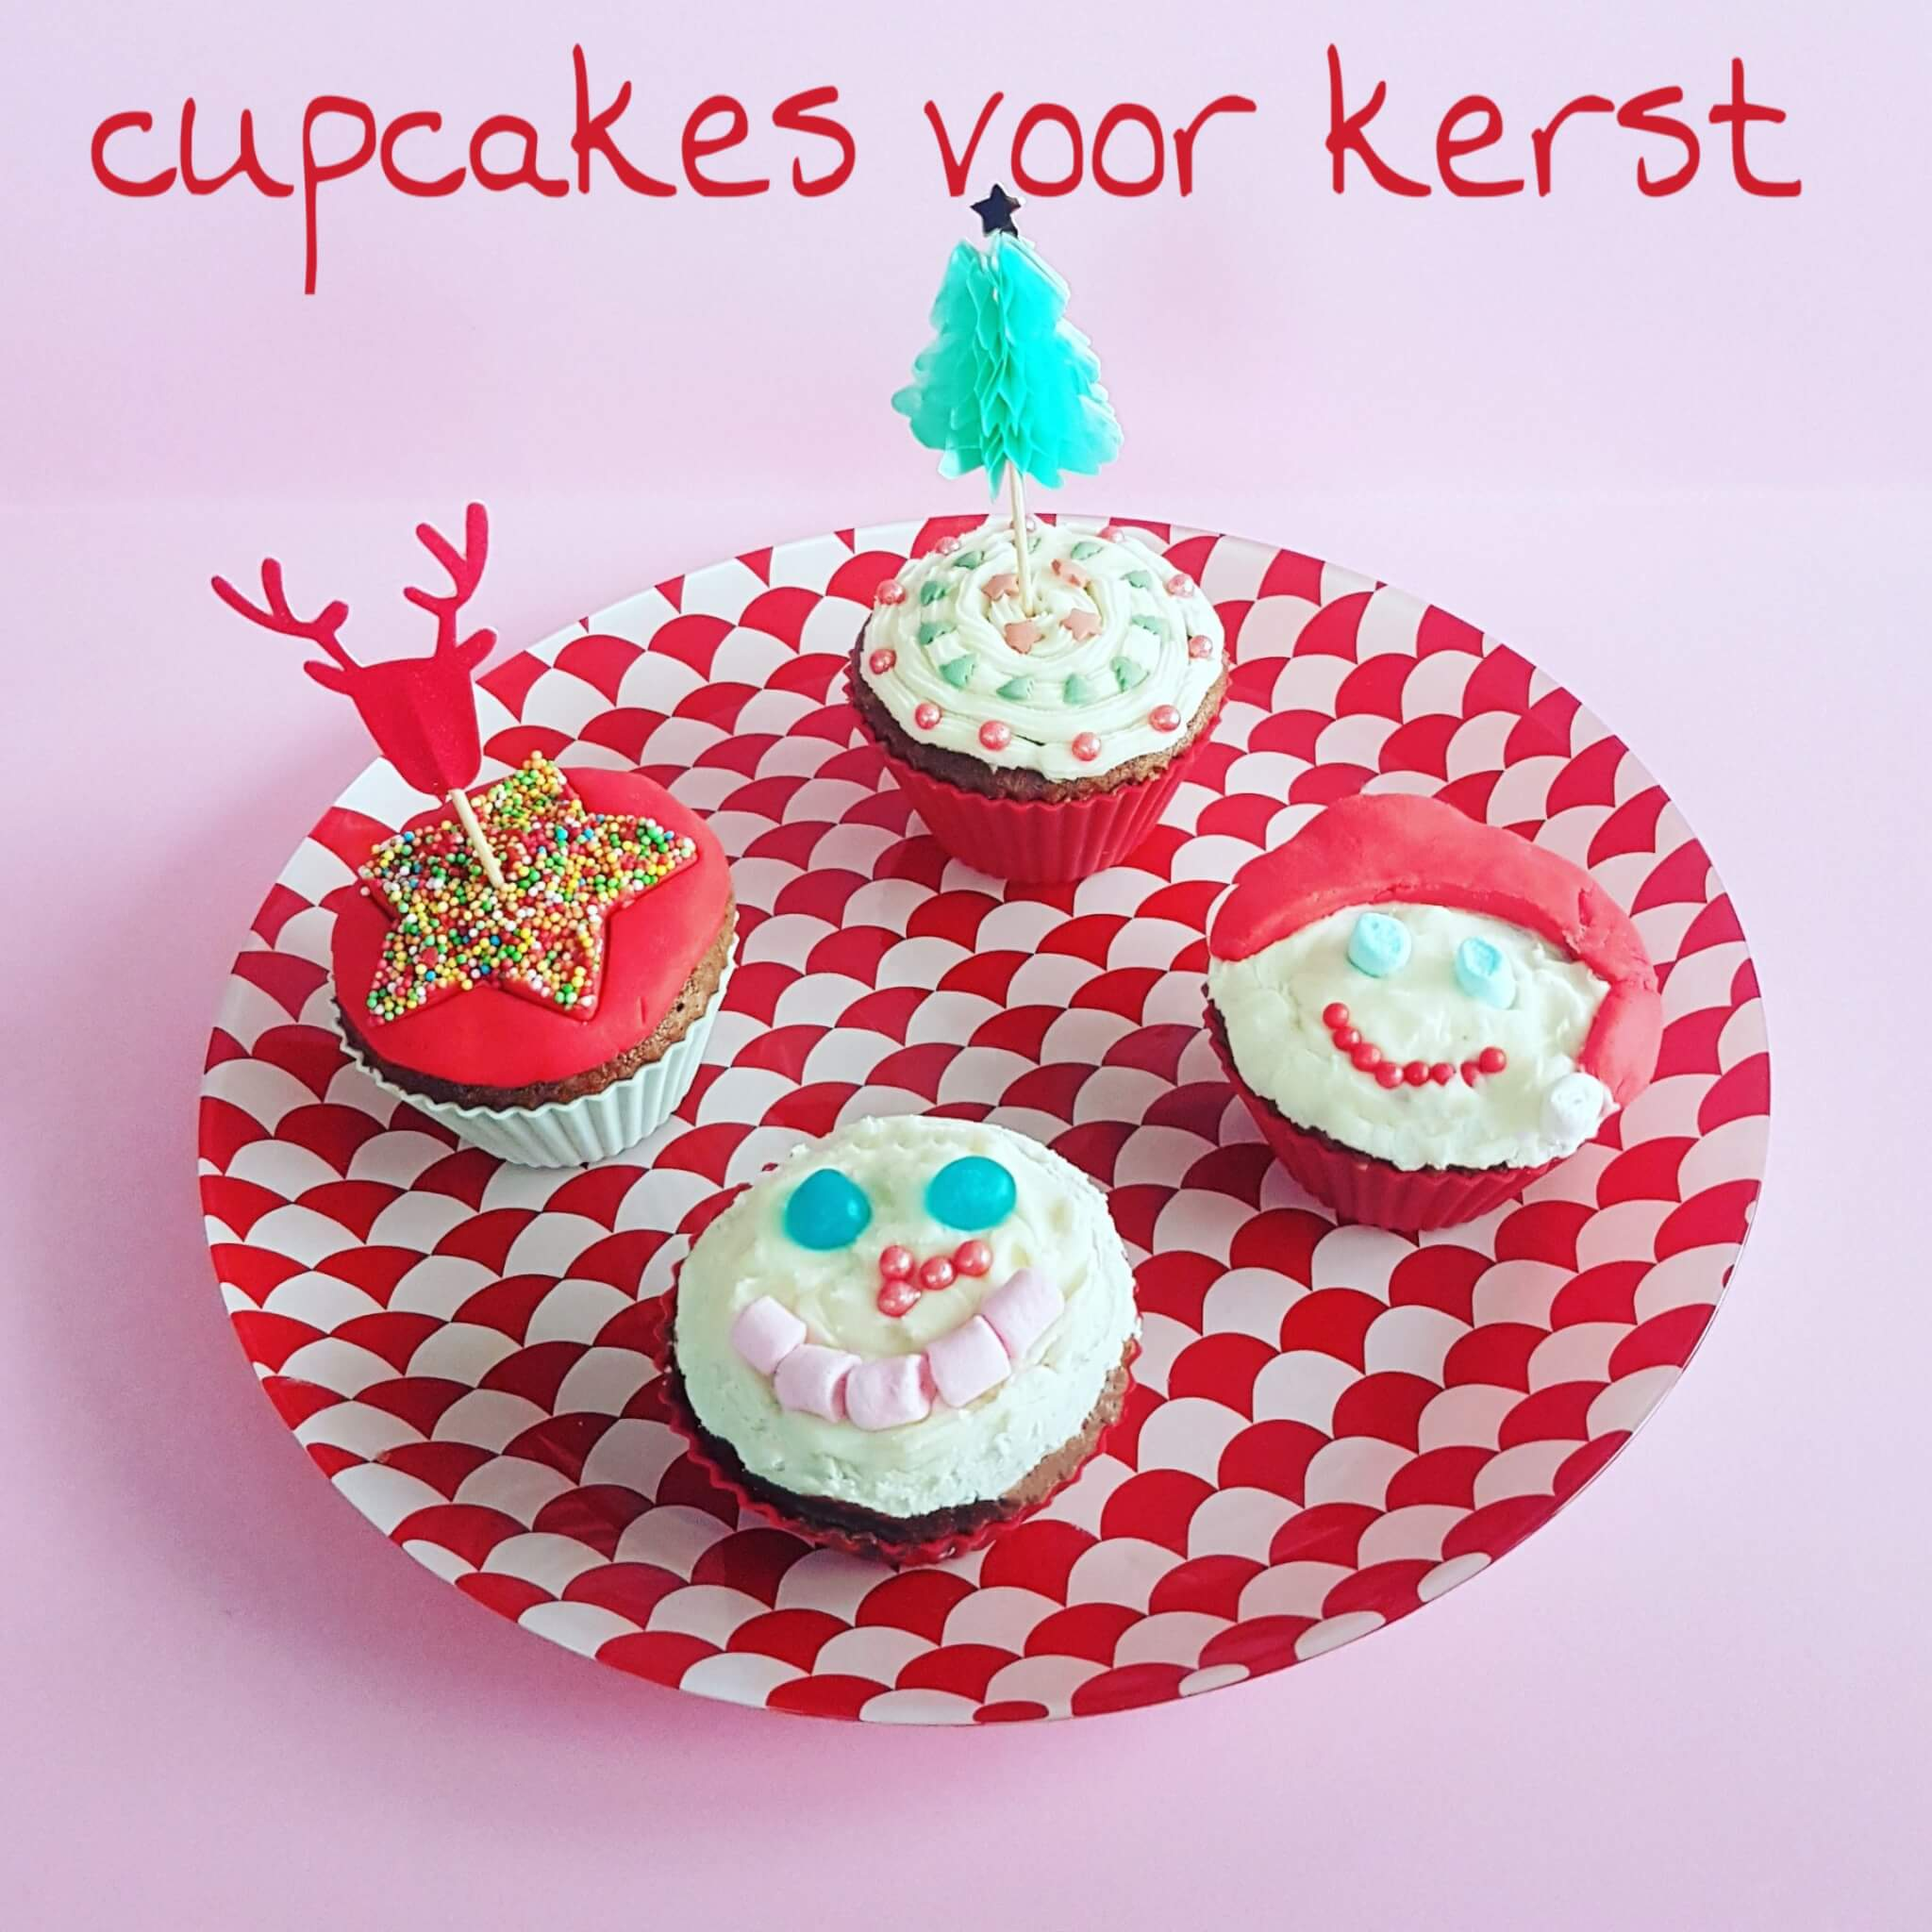 cupcakes versieren voor kerst